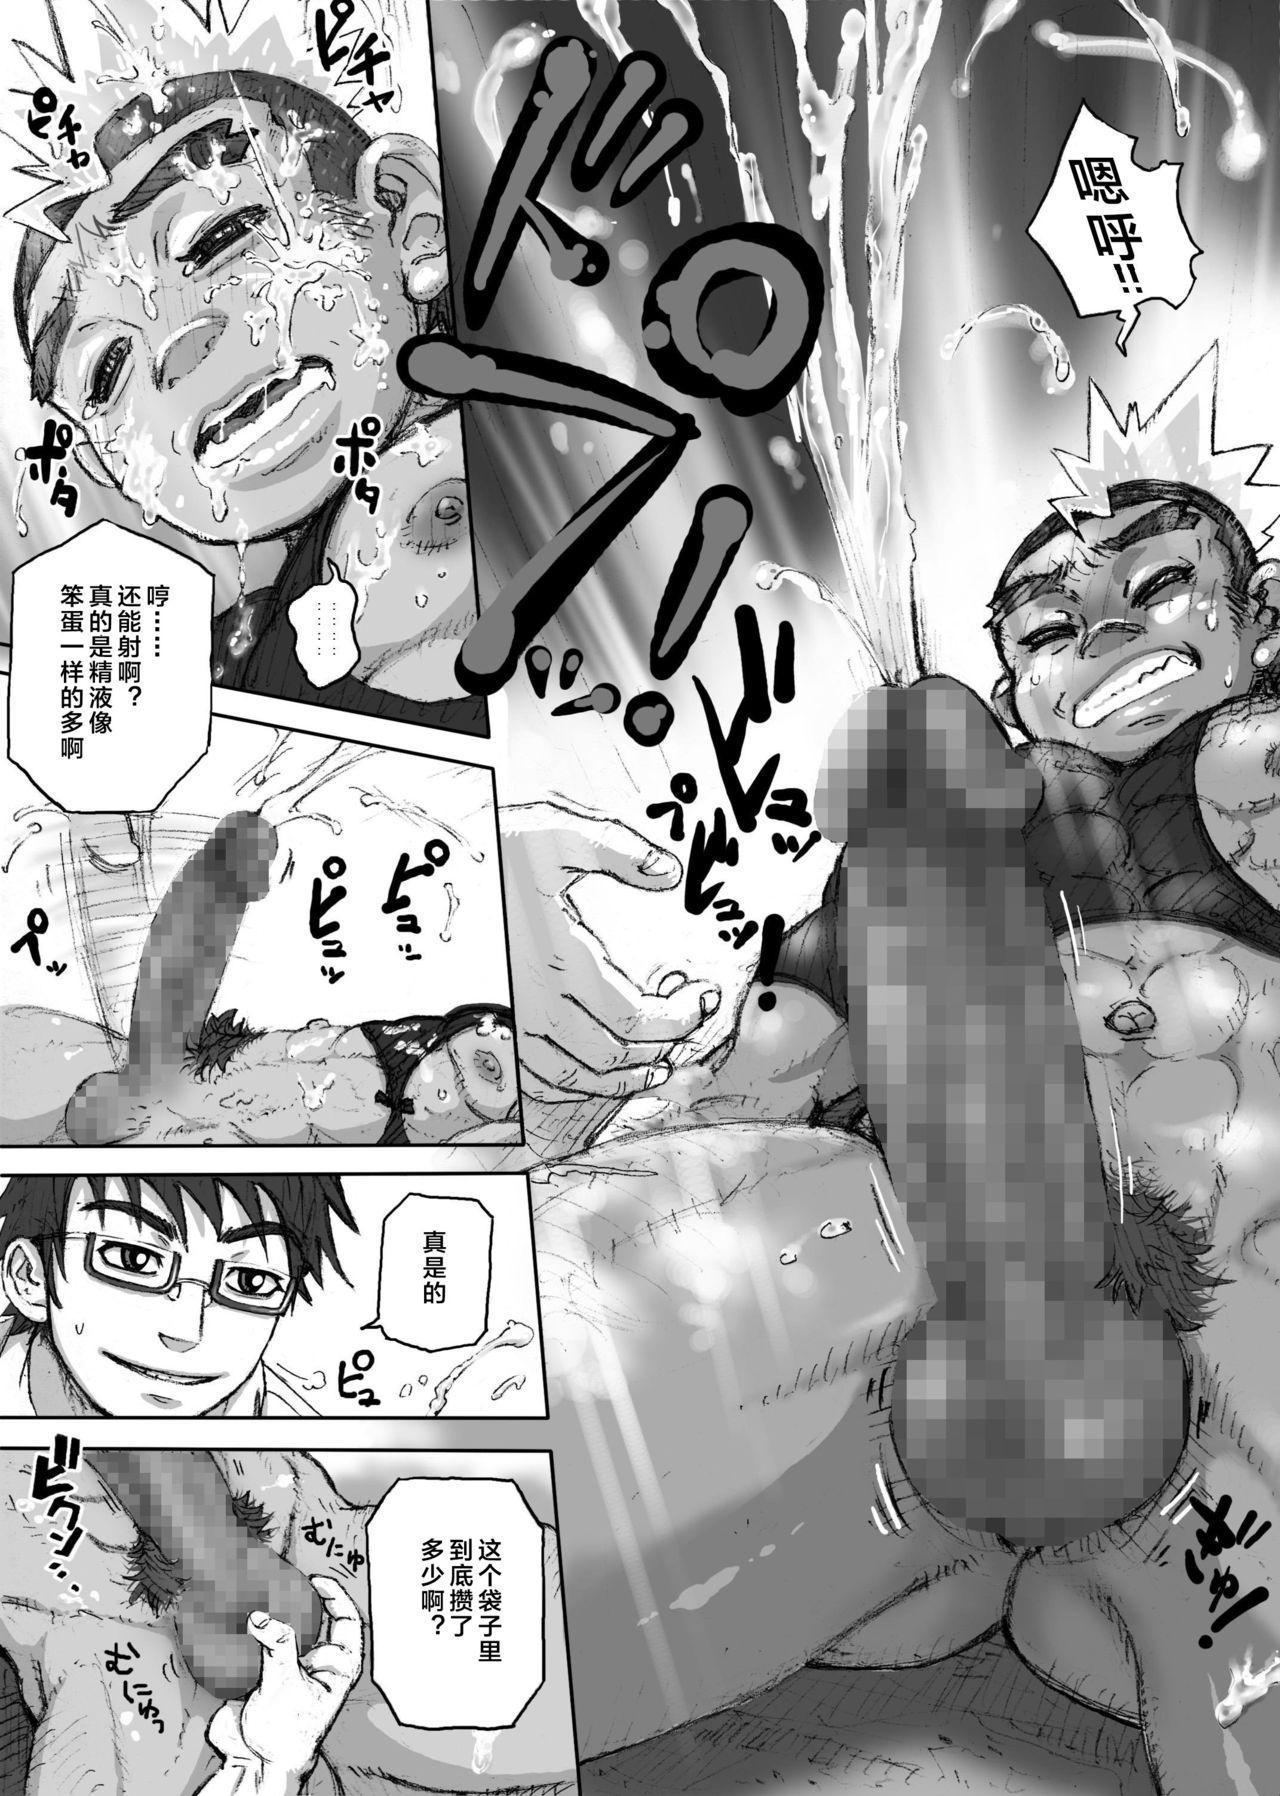 Hepoe no Kuni kara 1 - Mizu no Gakusha Sensei, Hi no Buzoku no Saru ni Hazukashimerareru no Maki 15